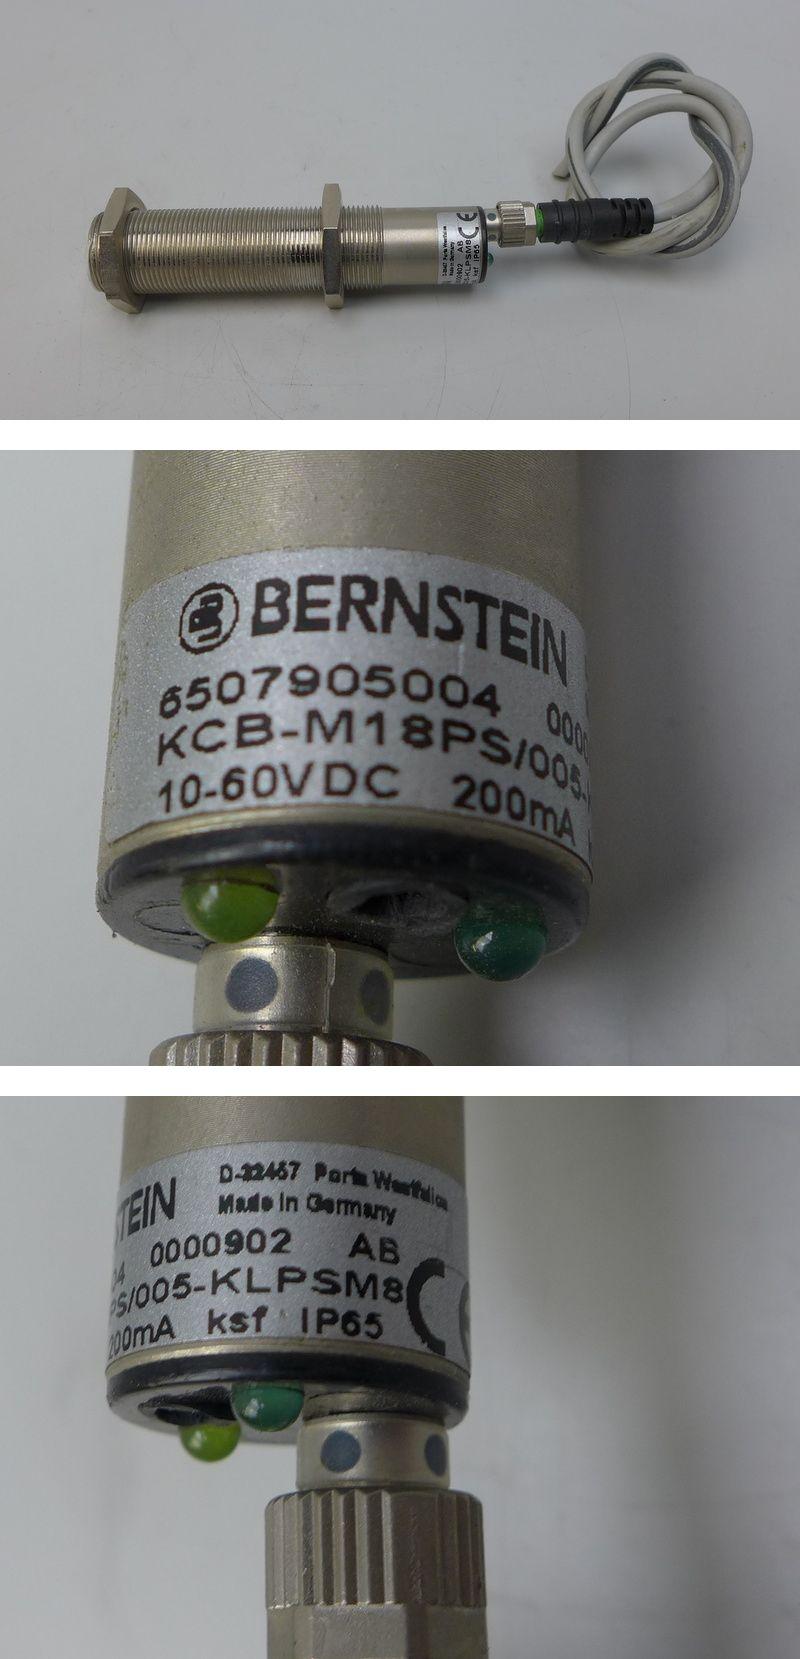 Bernstein KCB-M18PS/005-KLPSM8